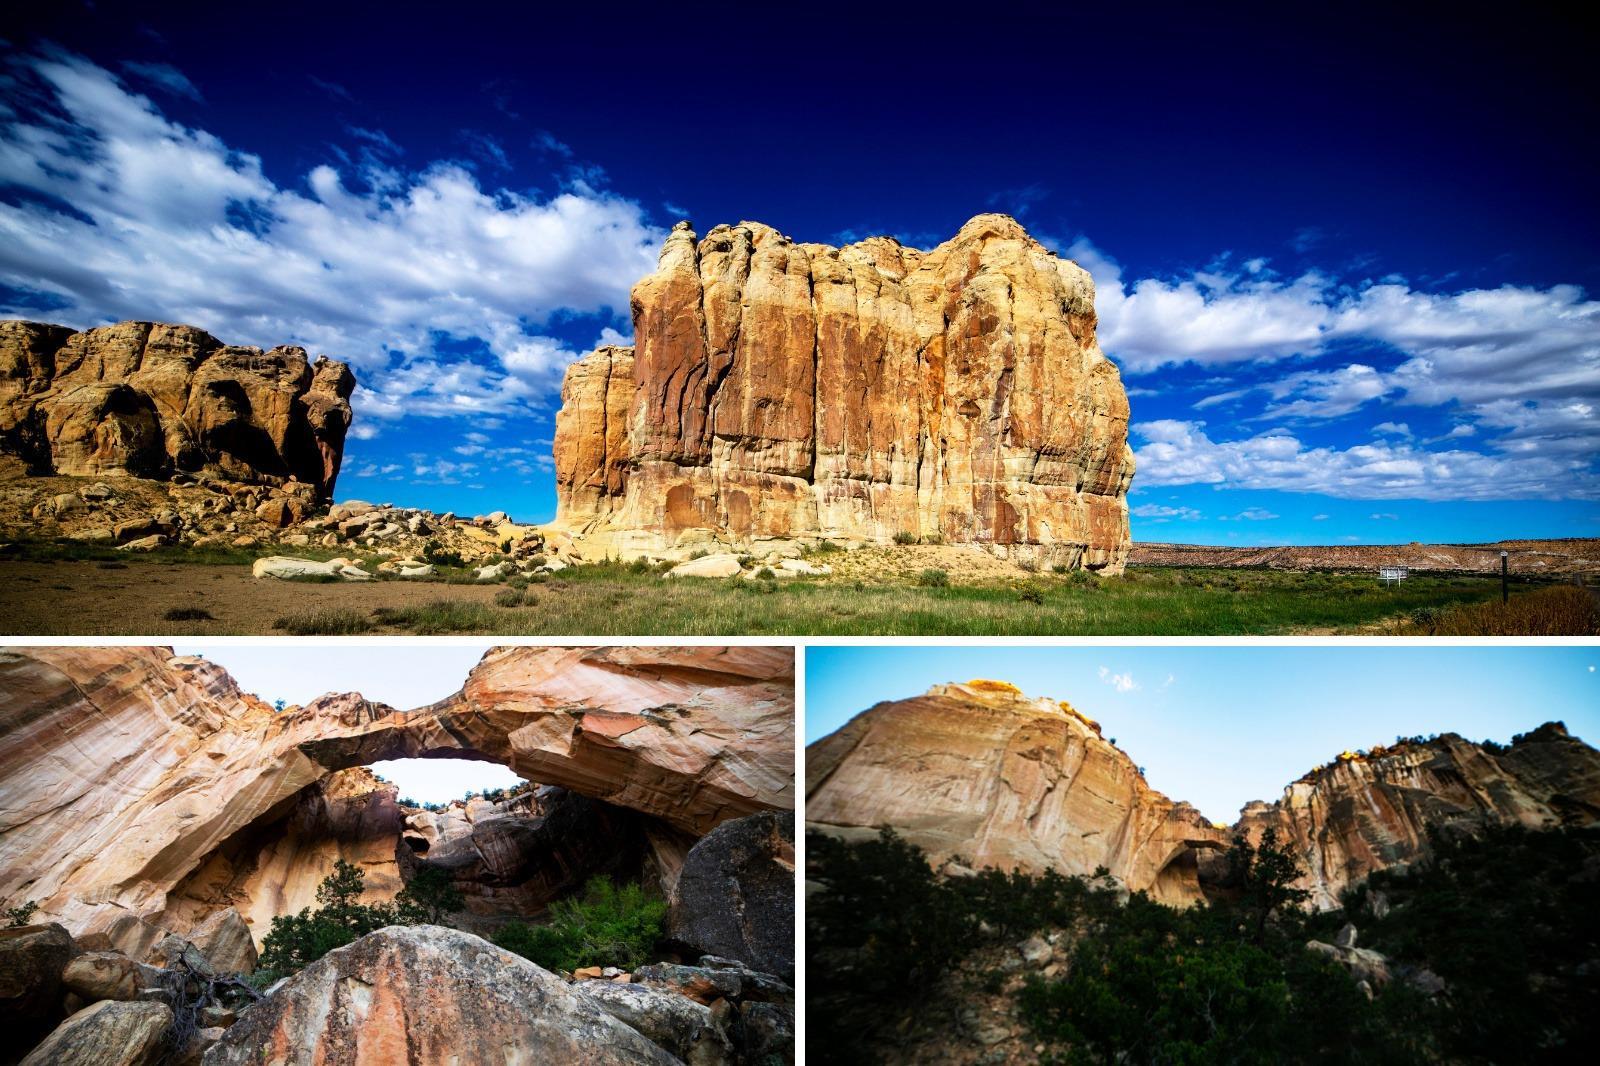 Grants, New Mexico - El Malpais